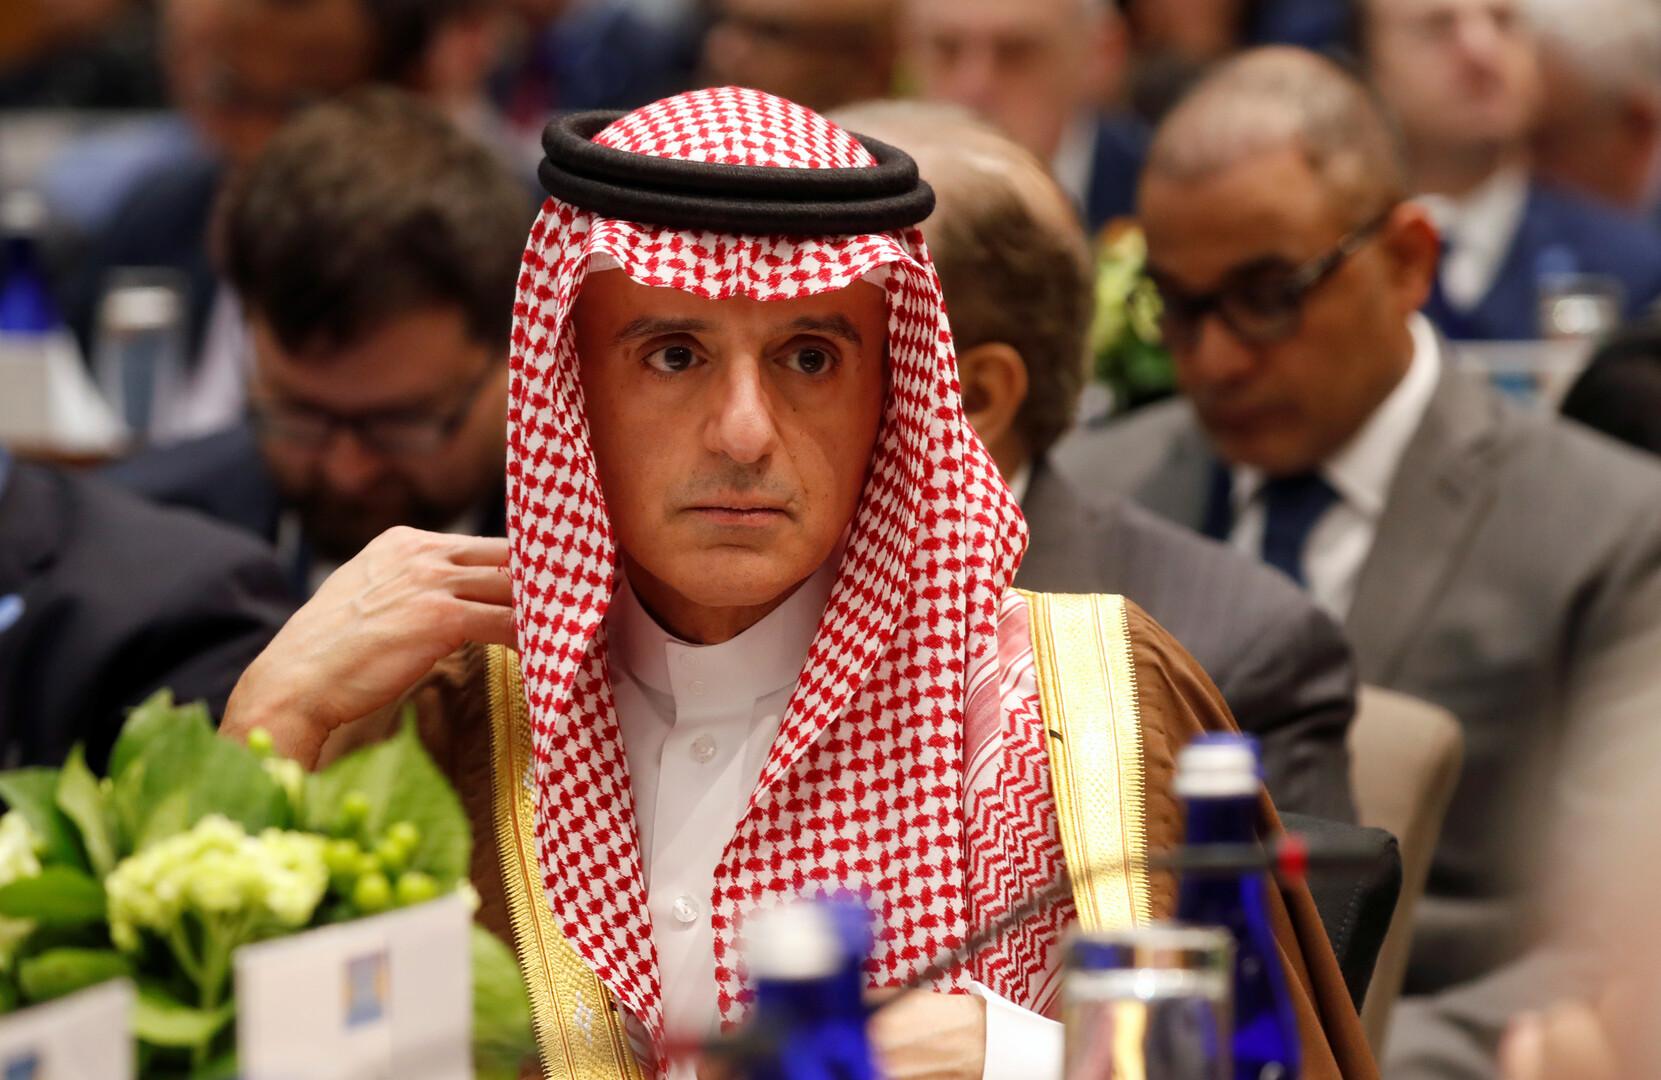 عادل الجبير، وزير الدولة للشؤون الخارجية السعودي